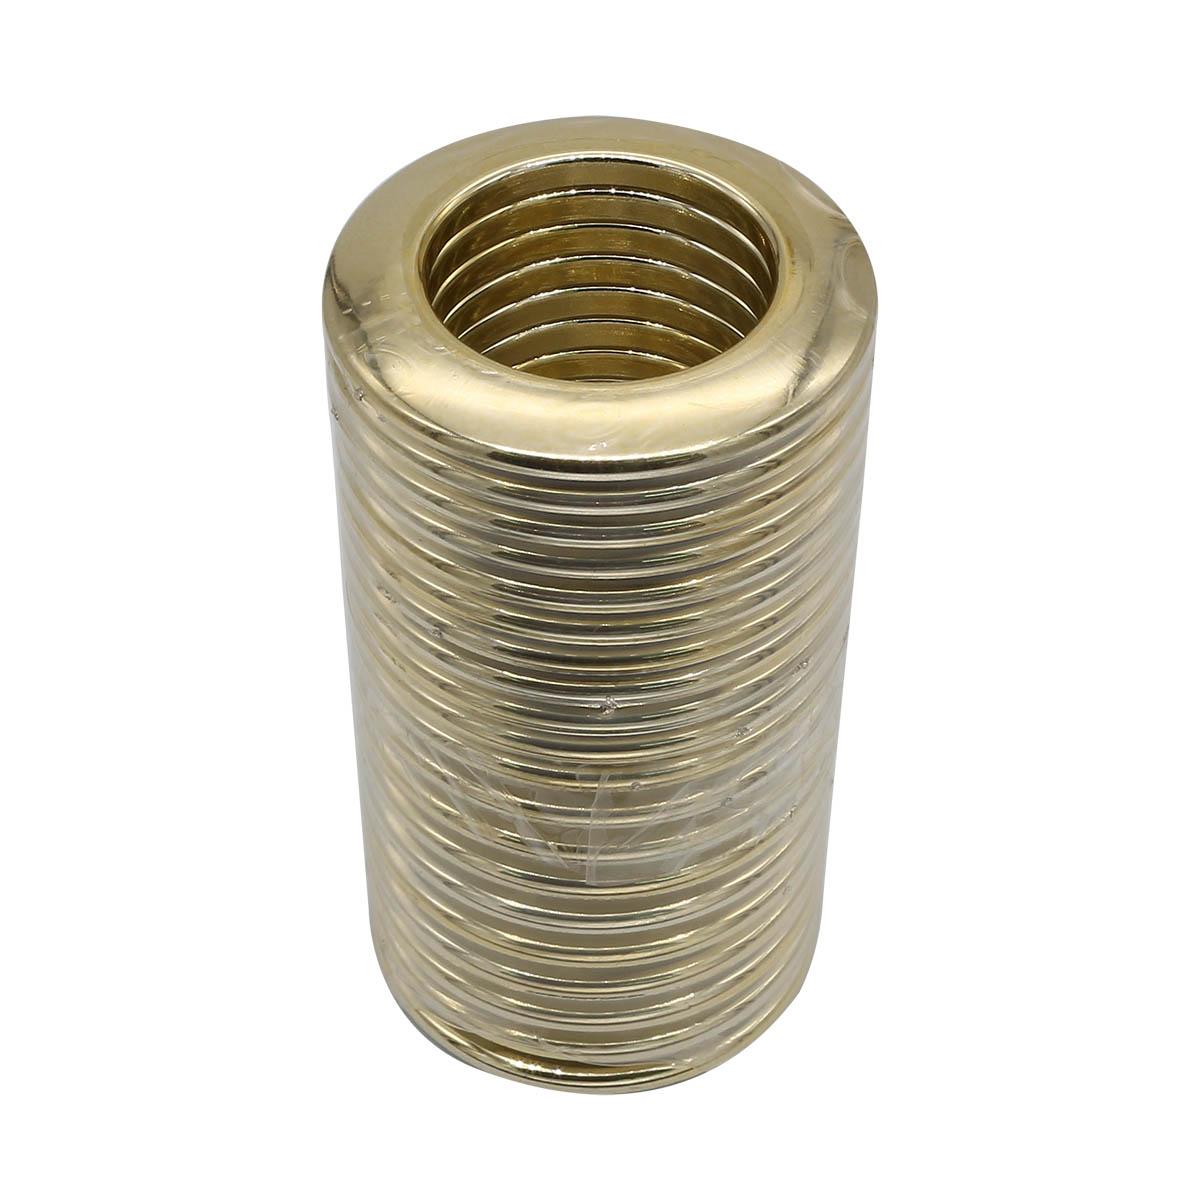 55-35-02 Люверс шторный 35мм блестящее золото ГР